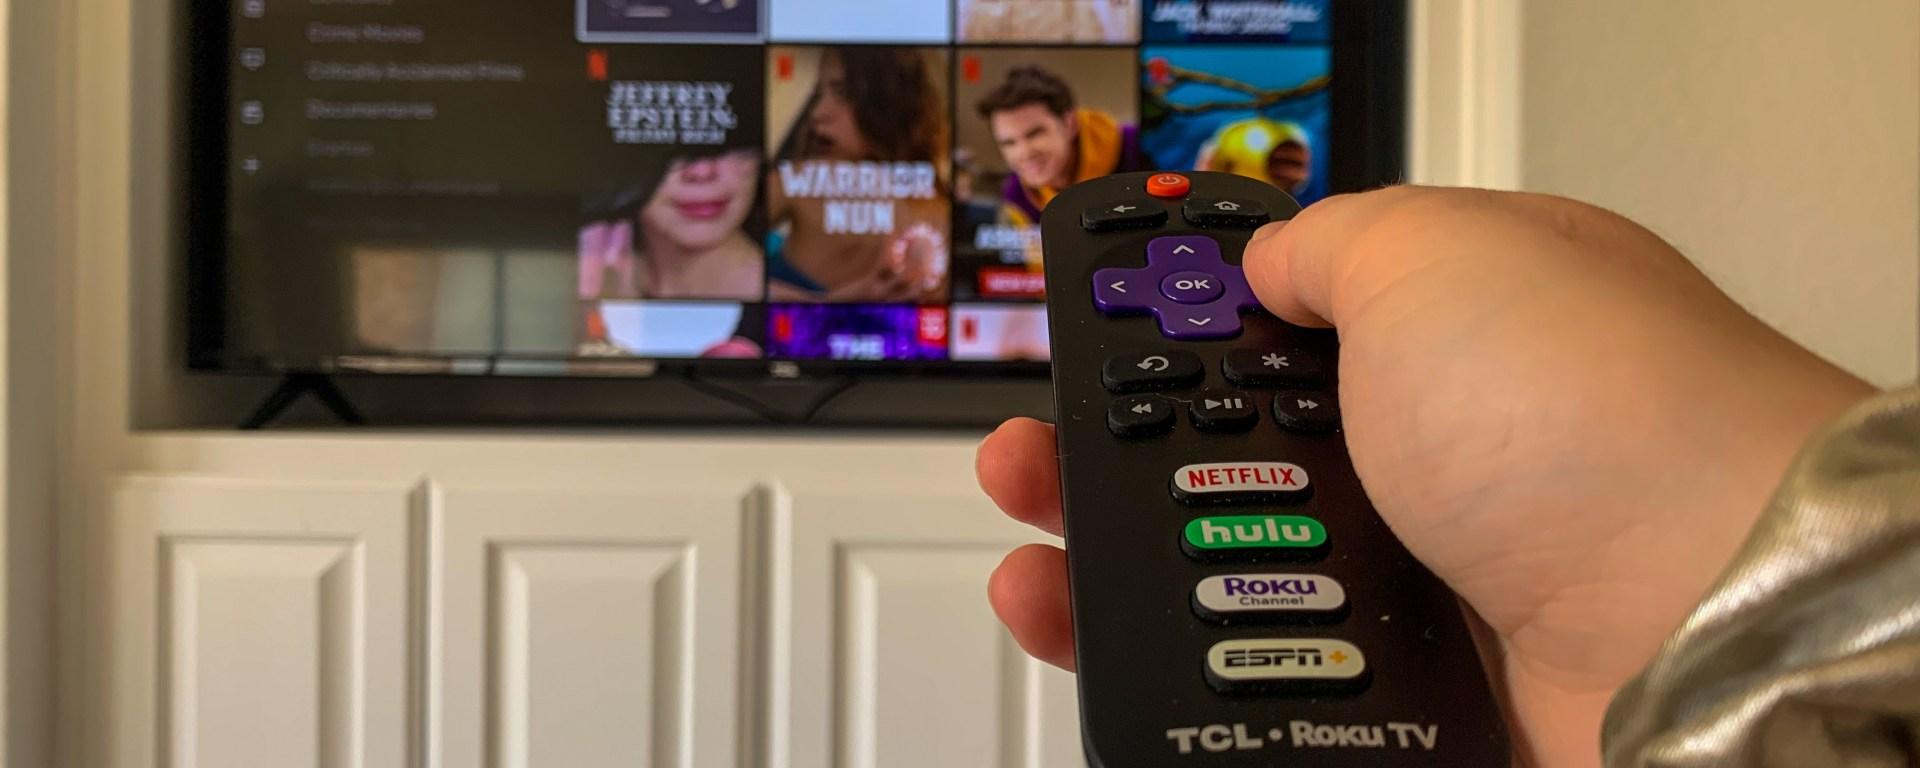 A remote sifting through the Netflix Original category.